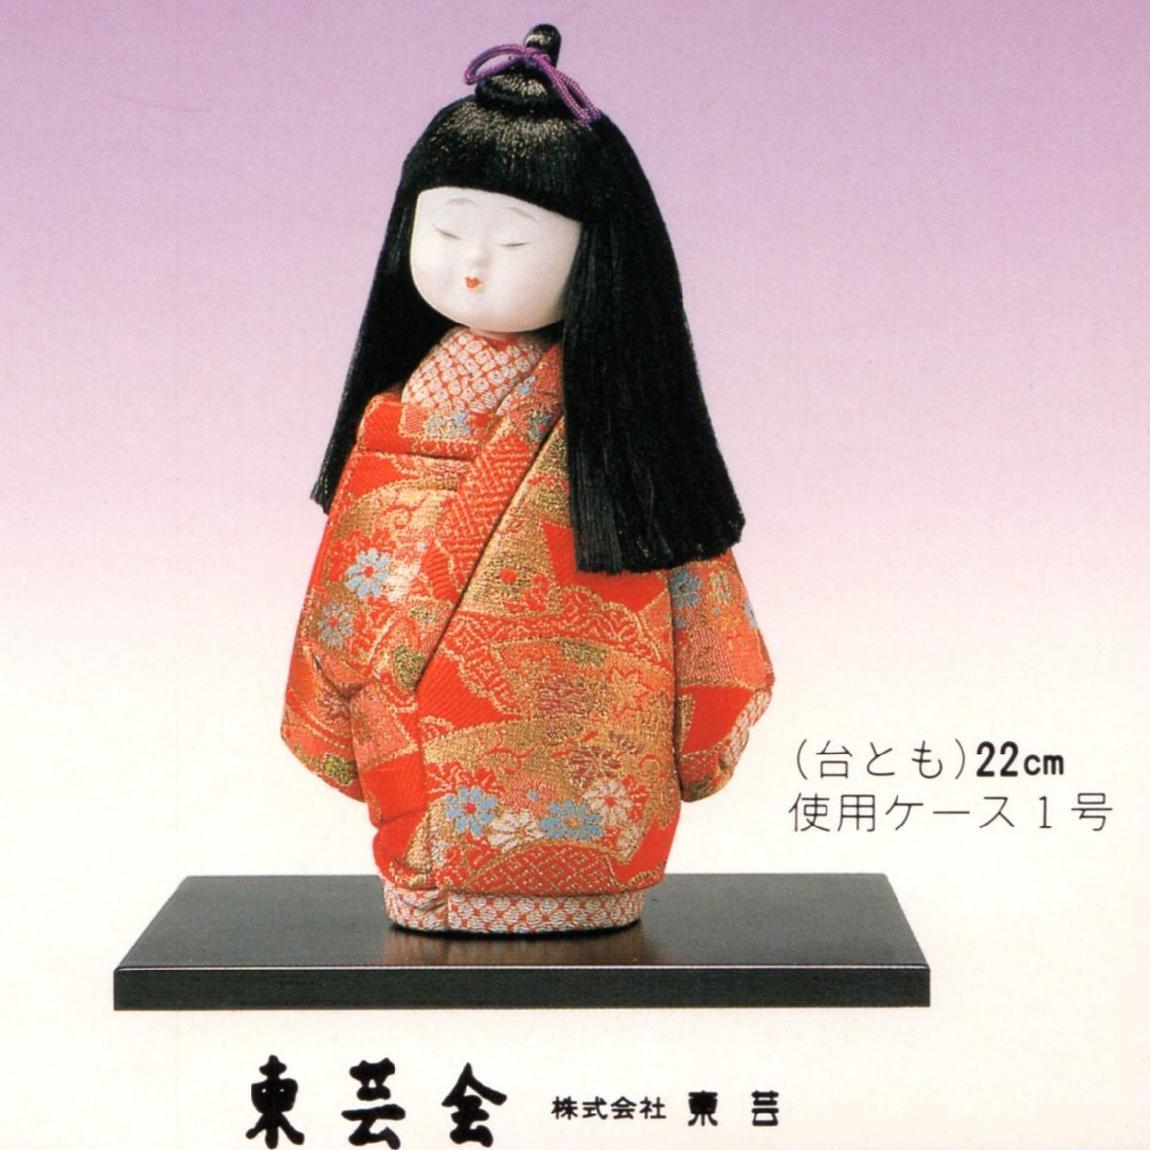 東芸 木目込人形キット「童女・月」 H105-01